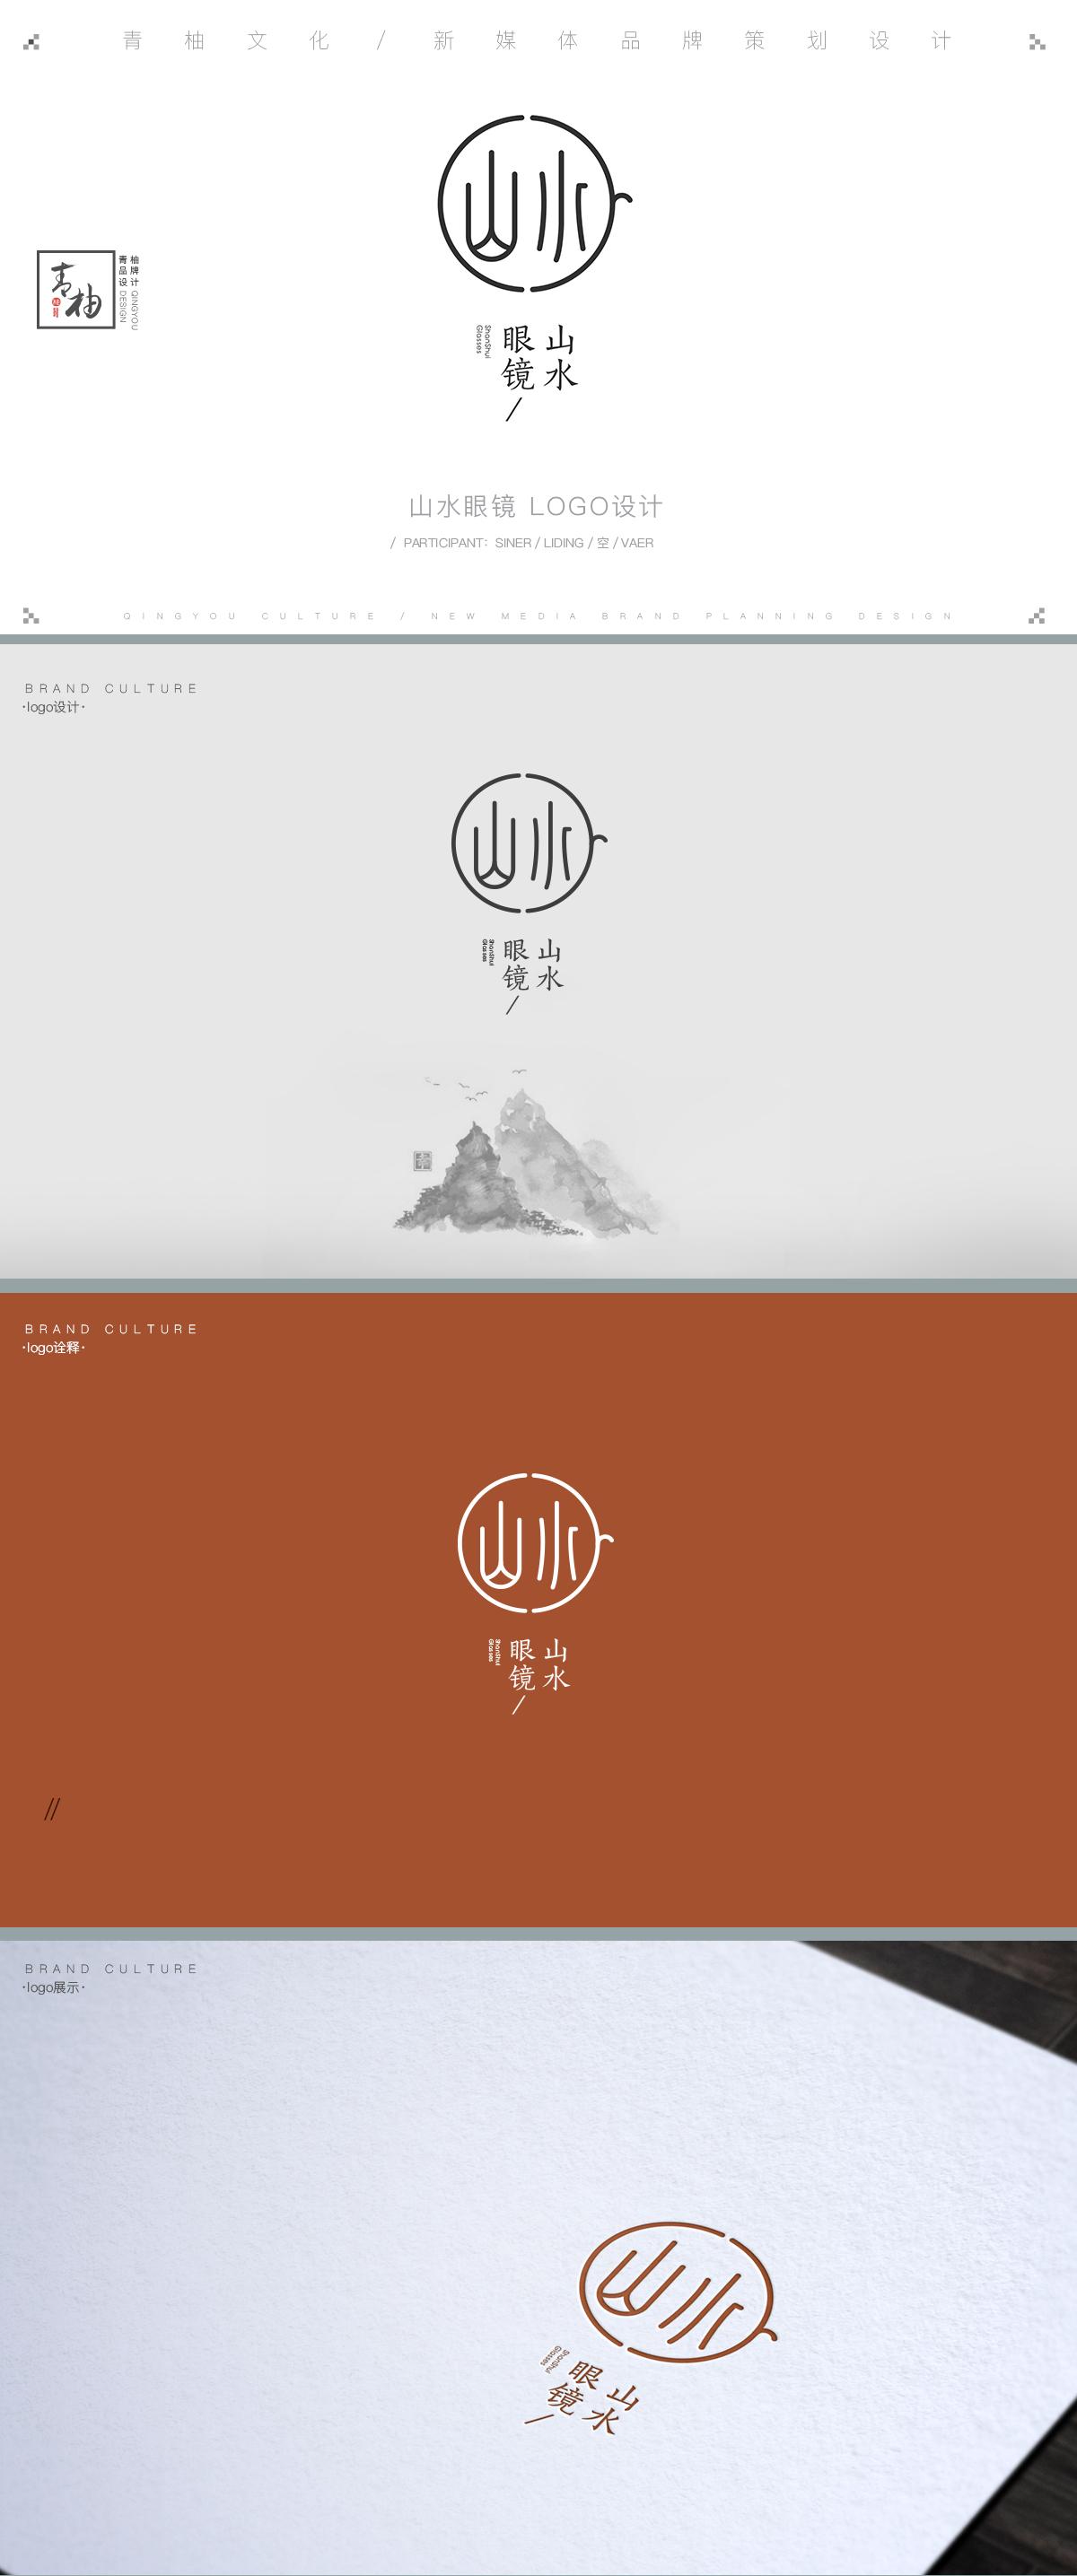 山水眼镜工作室 品牌logo设计 文艺logo设计 工作室 logo设计